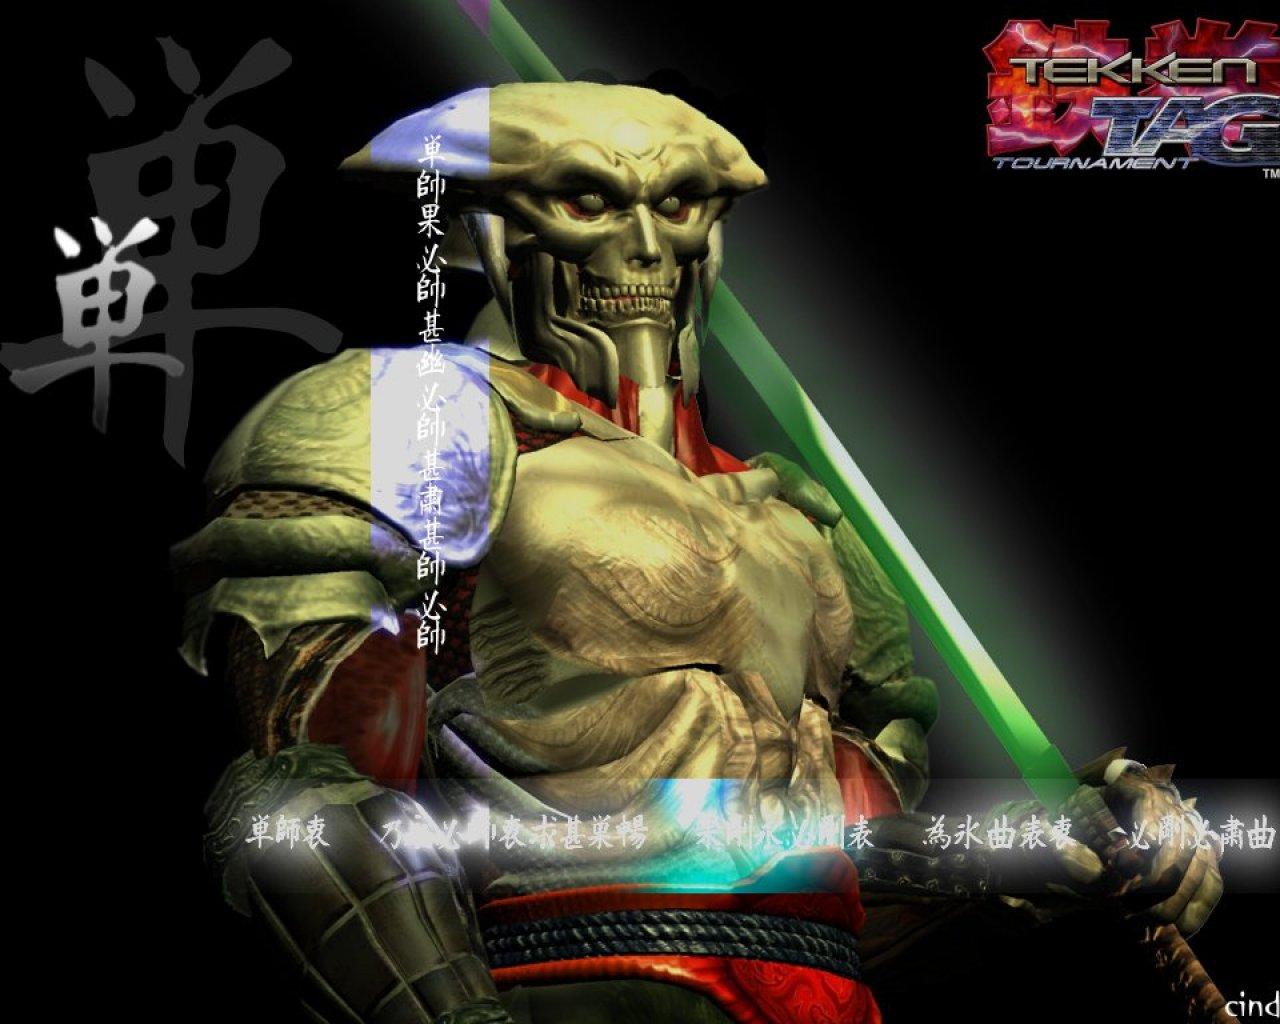 Tekken Tag Wallpapers Download Tekken Tag Wallpapers Tekken Tag Desktop Wallpapers In High Resolution Kingdom Hearts Insider